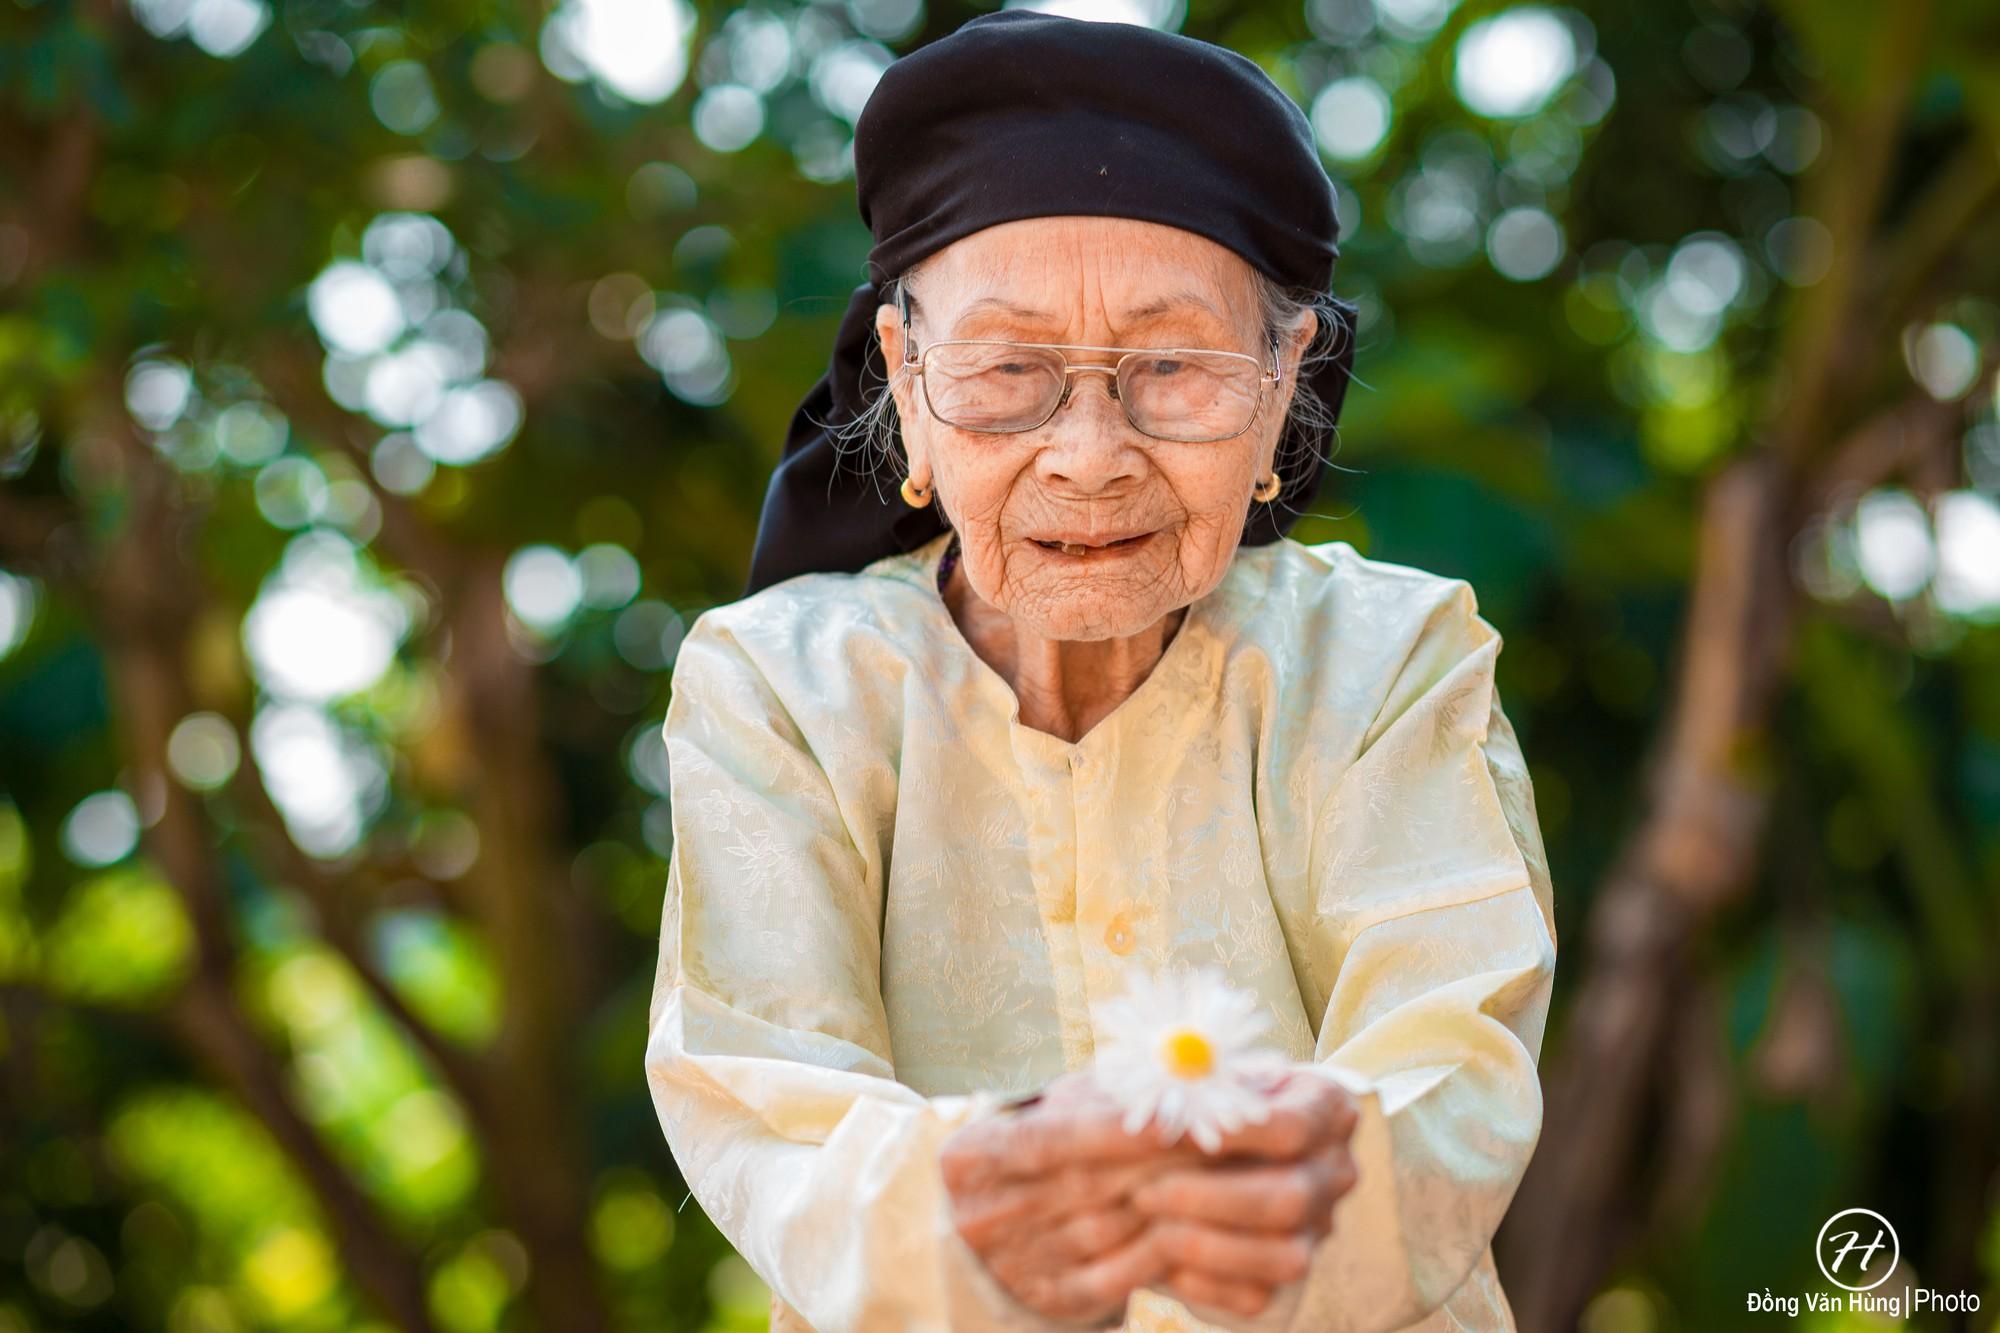 Người mẫu 99 tuổi điệu đà tạo dáng bên hoa cúc họa mi - Ảnh 10.